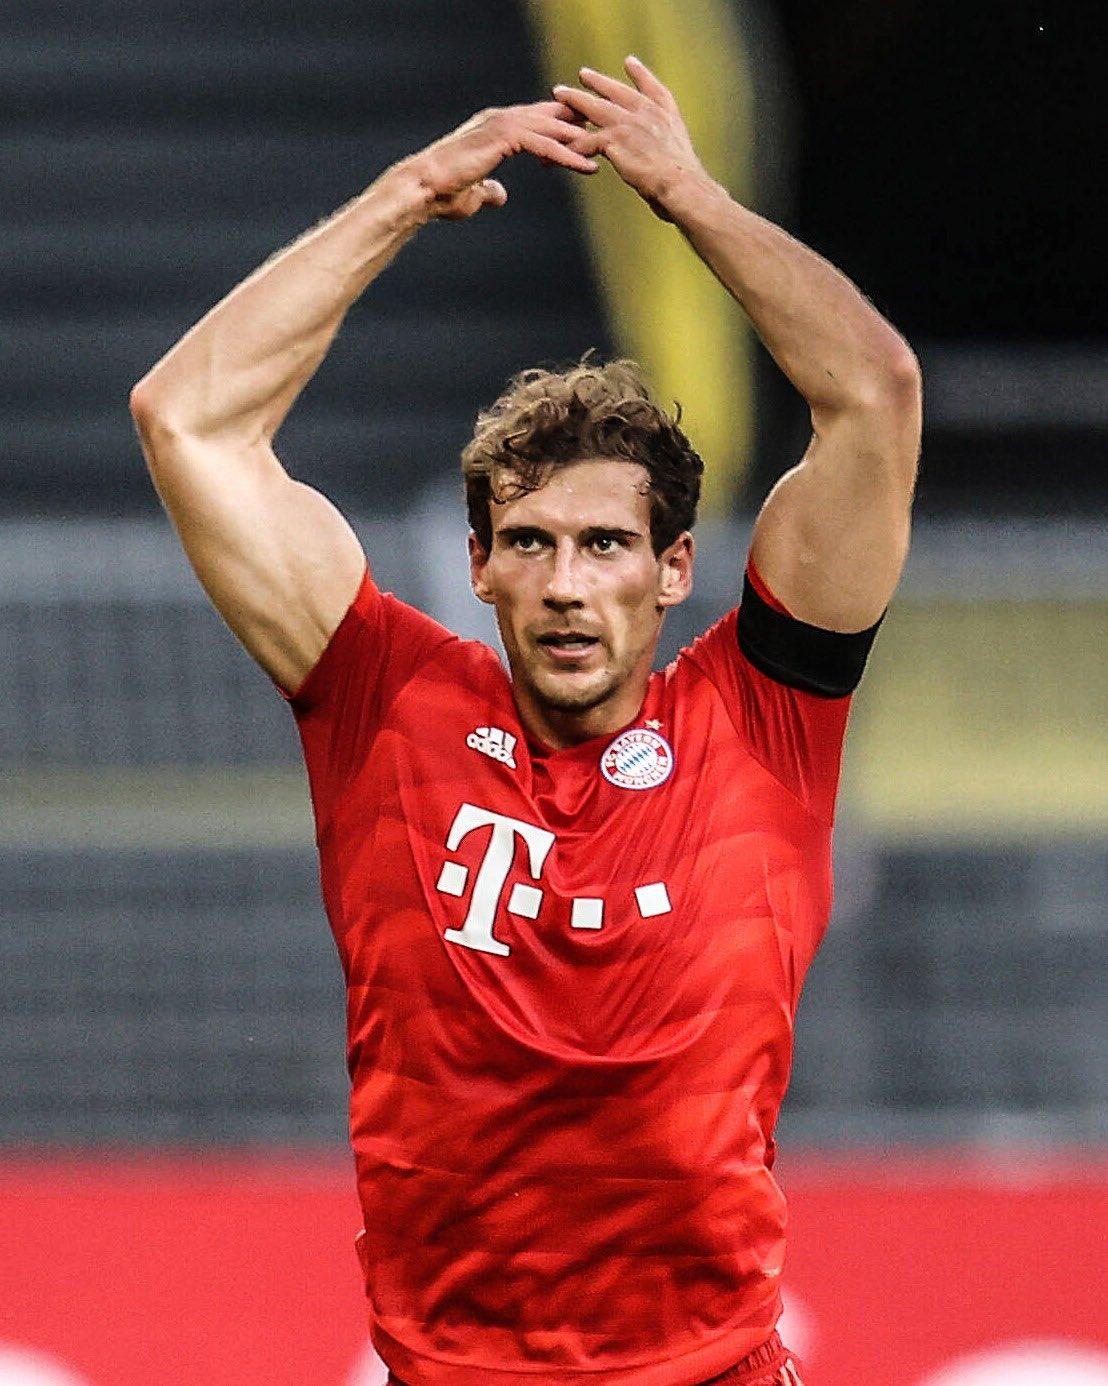 Leon Goretzka fue una de las grandes revelaciones físicas del confinamiento. El centrocampista alemán aprovechó el confinamiento domiciliario para ganar masa muscular y mejorar su condición física. Salió campeón de Europa con el Bayern de Múnich.